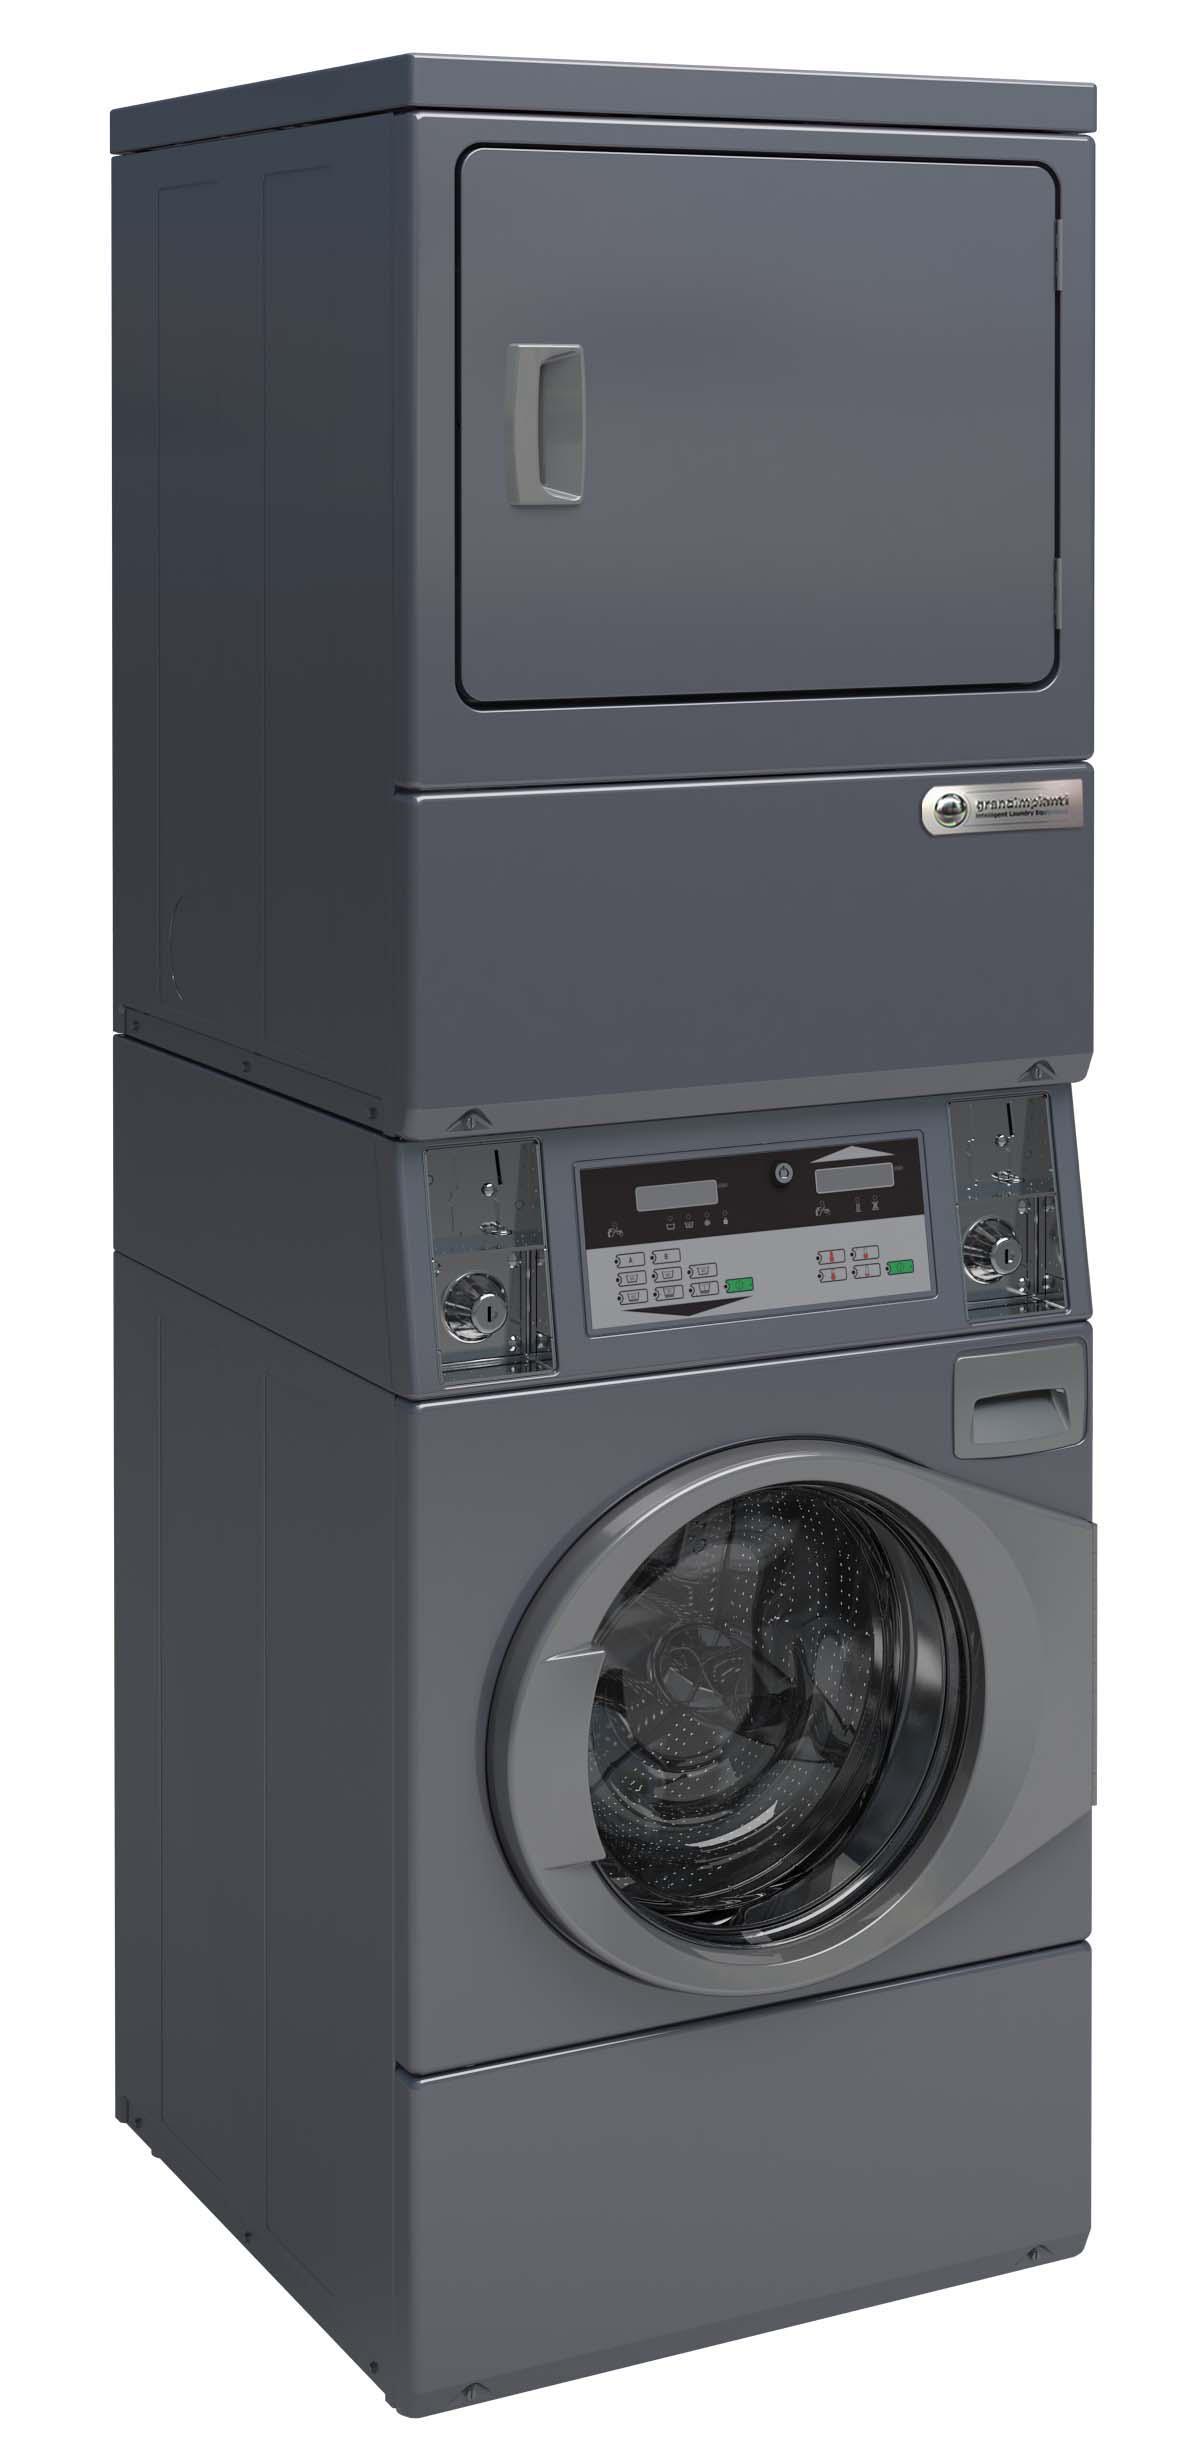 Colonna Per Lavatrice E Asciugatrice colonna ghd lavatrice+asciugatrice | asciugatrice a gas